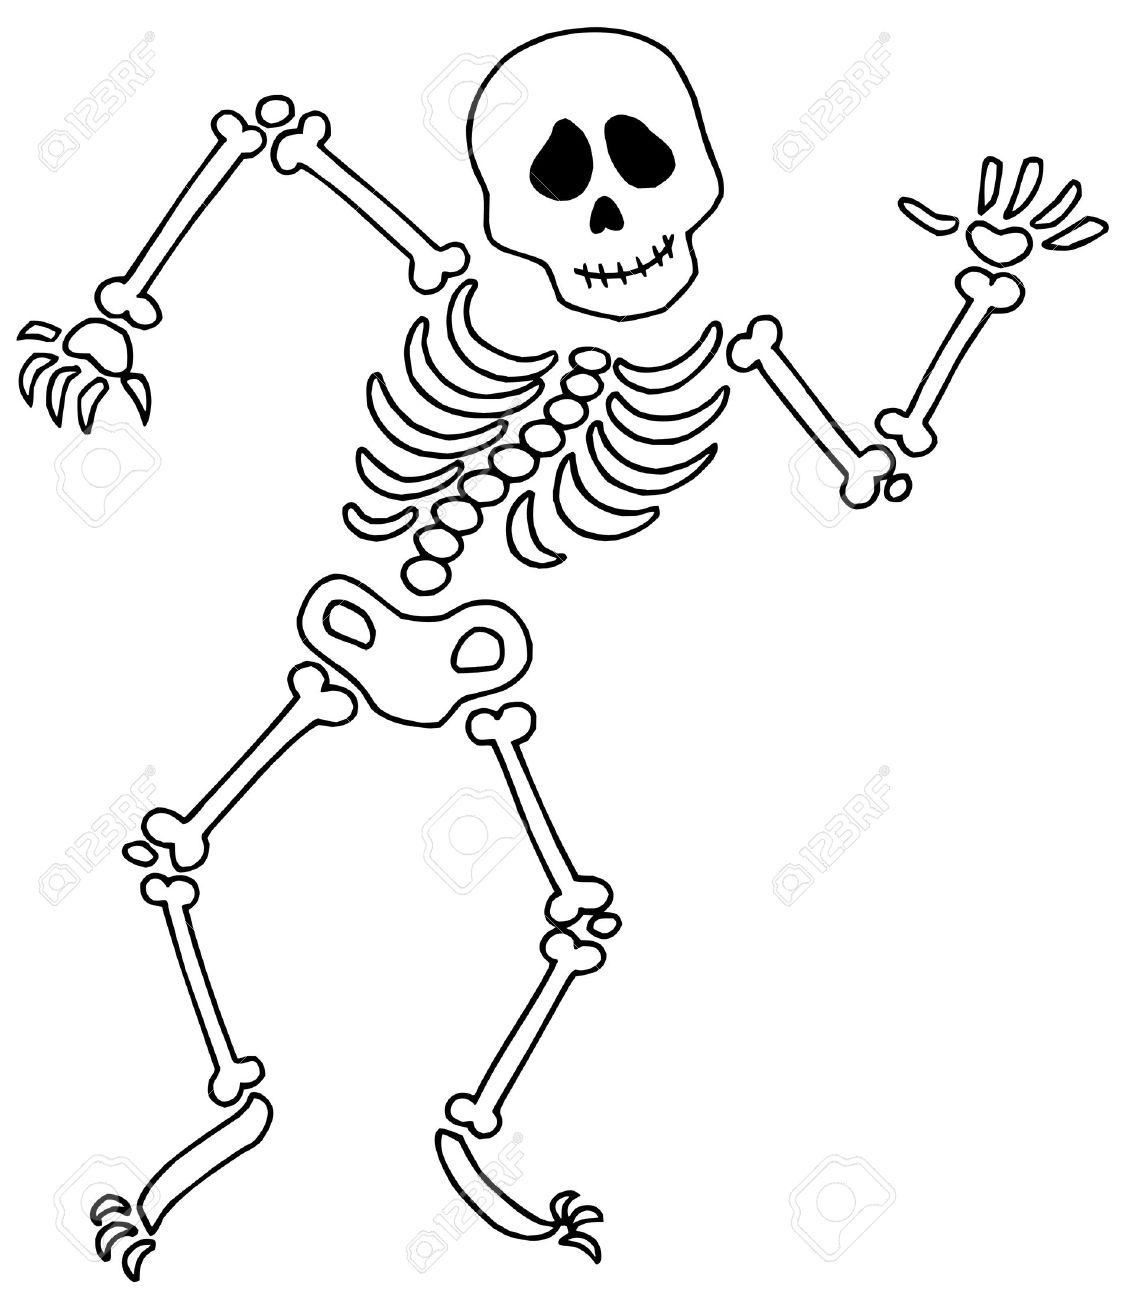 Dancing Esqueleto En El Fondo Blanco - Ilustración Vectorial ...